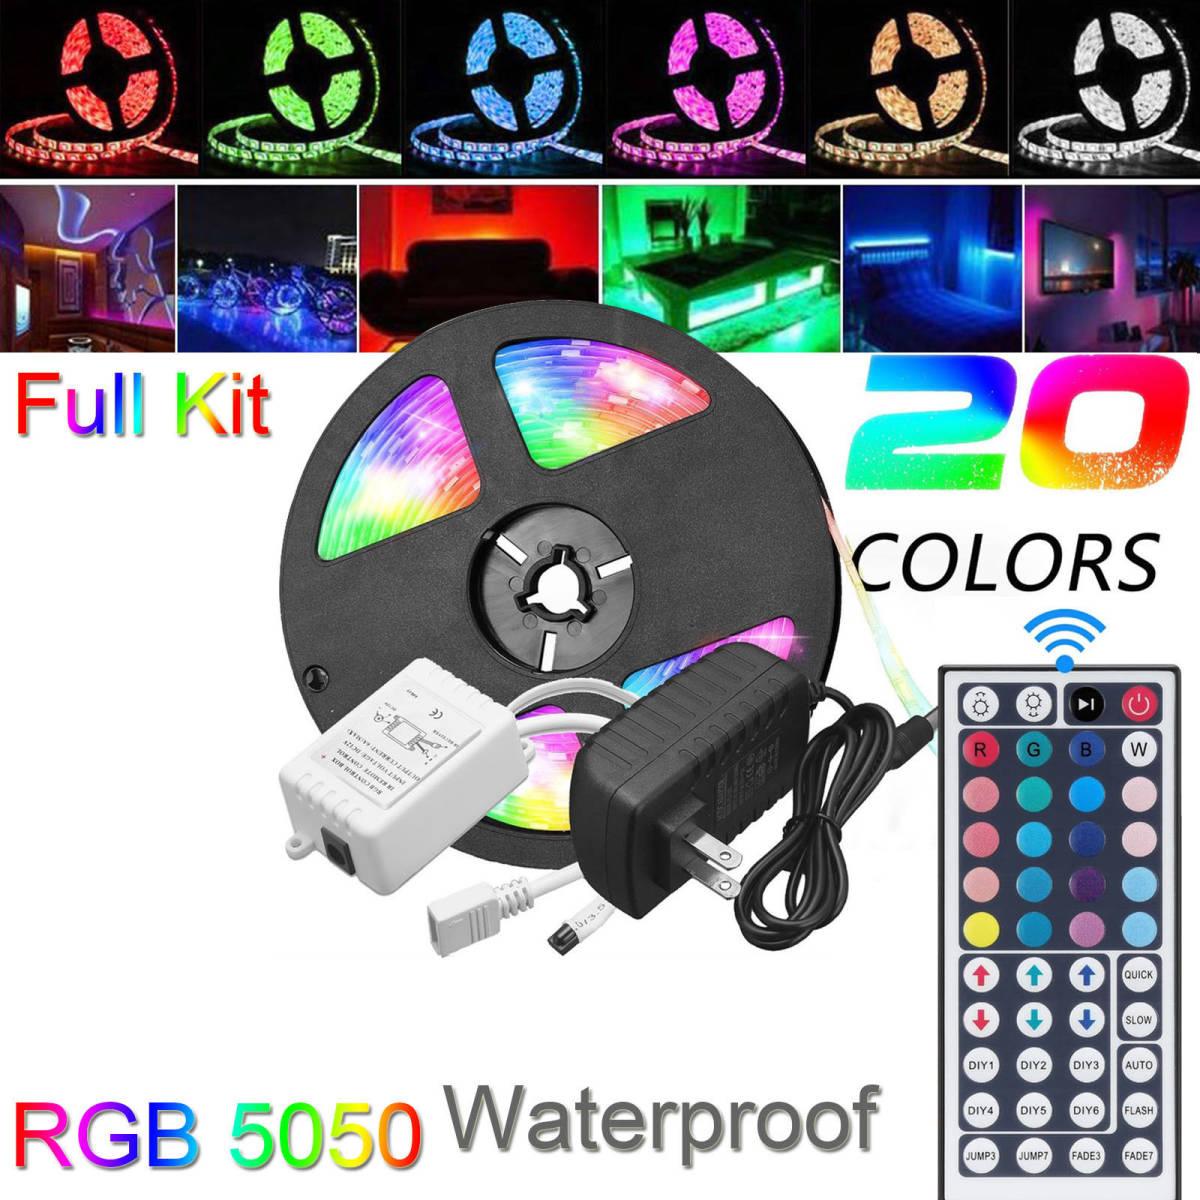 20色切替☆コンセントに挿すだけフルセット! LEDテープライト RGB5050 5m 300連 防水12V イルミネーション ダウンライト フロアライト